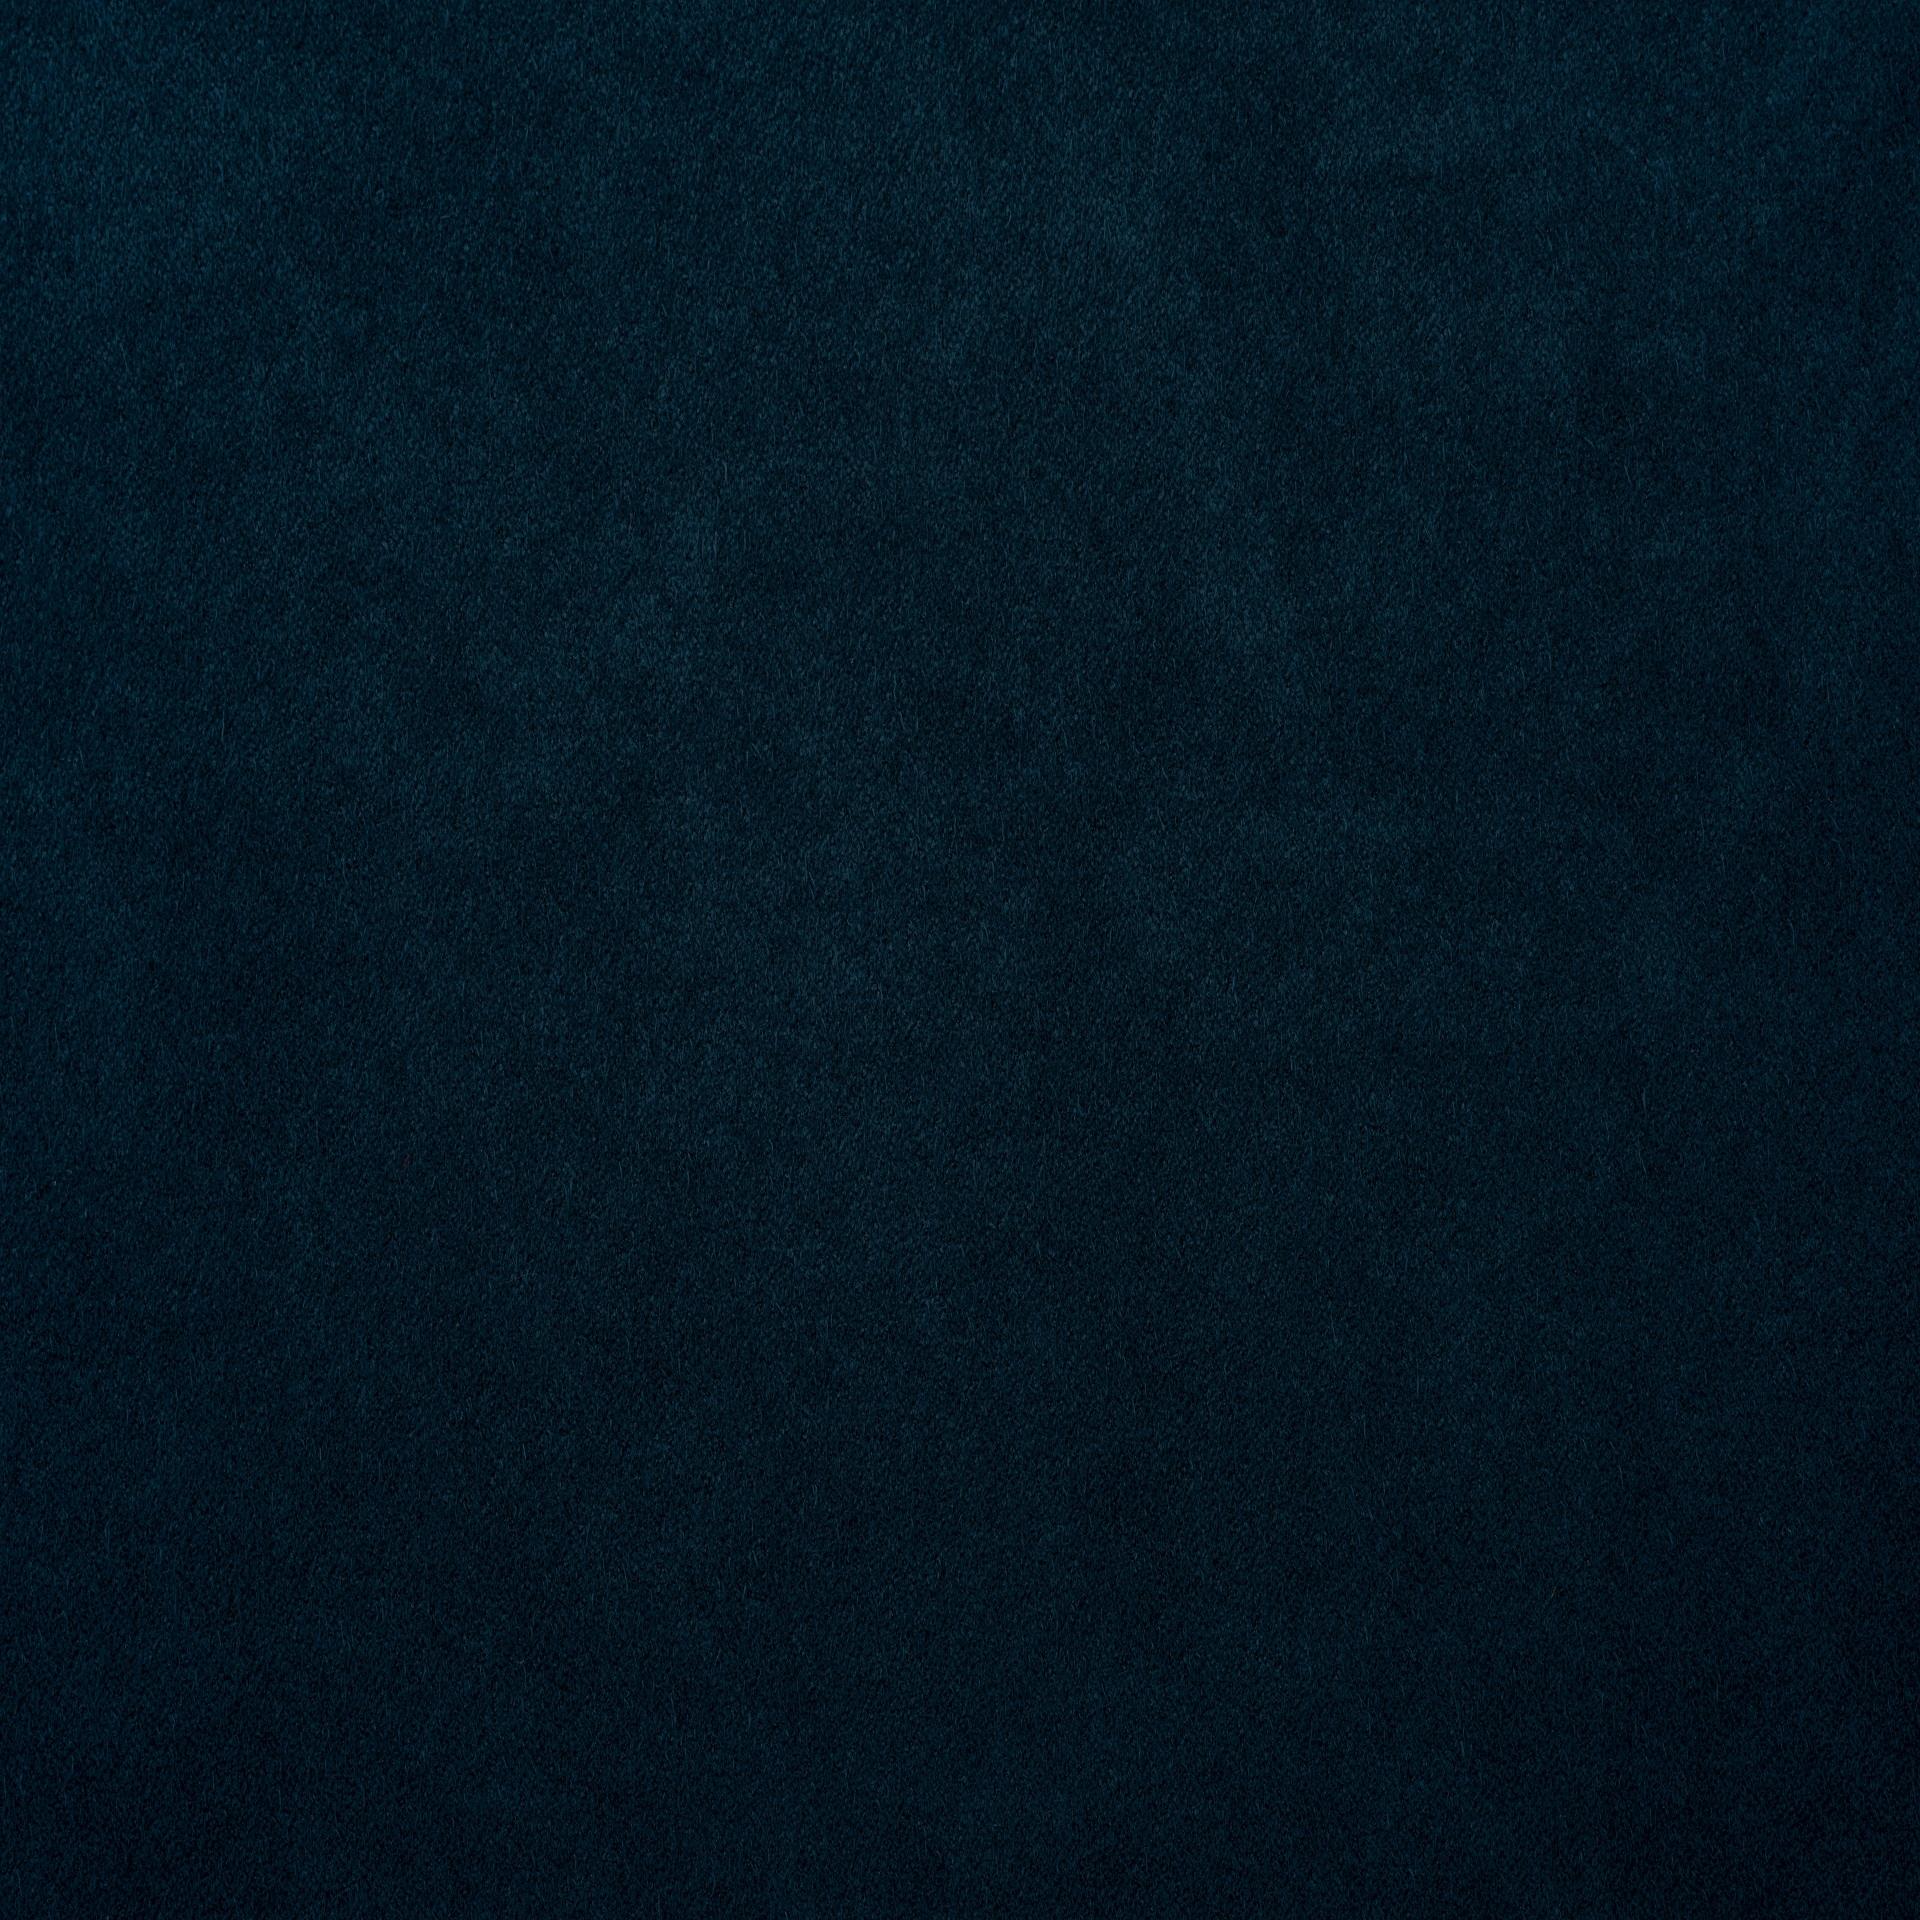 Коллекция ткани Бонд ROYAL BLUE 19,  купить ткань Велюр для мебели Украина